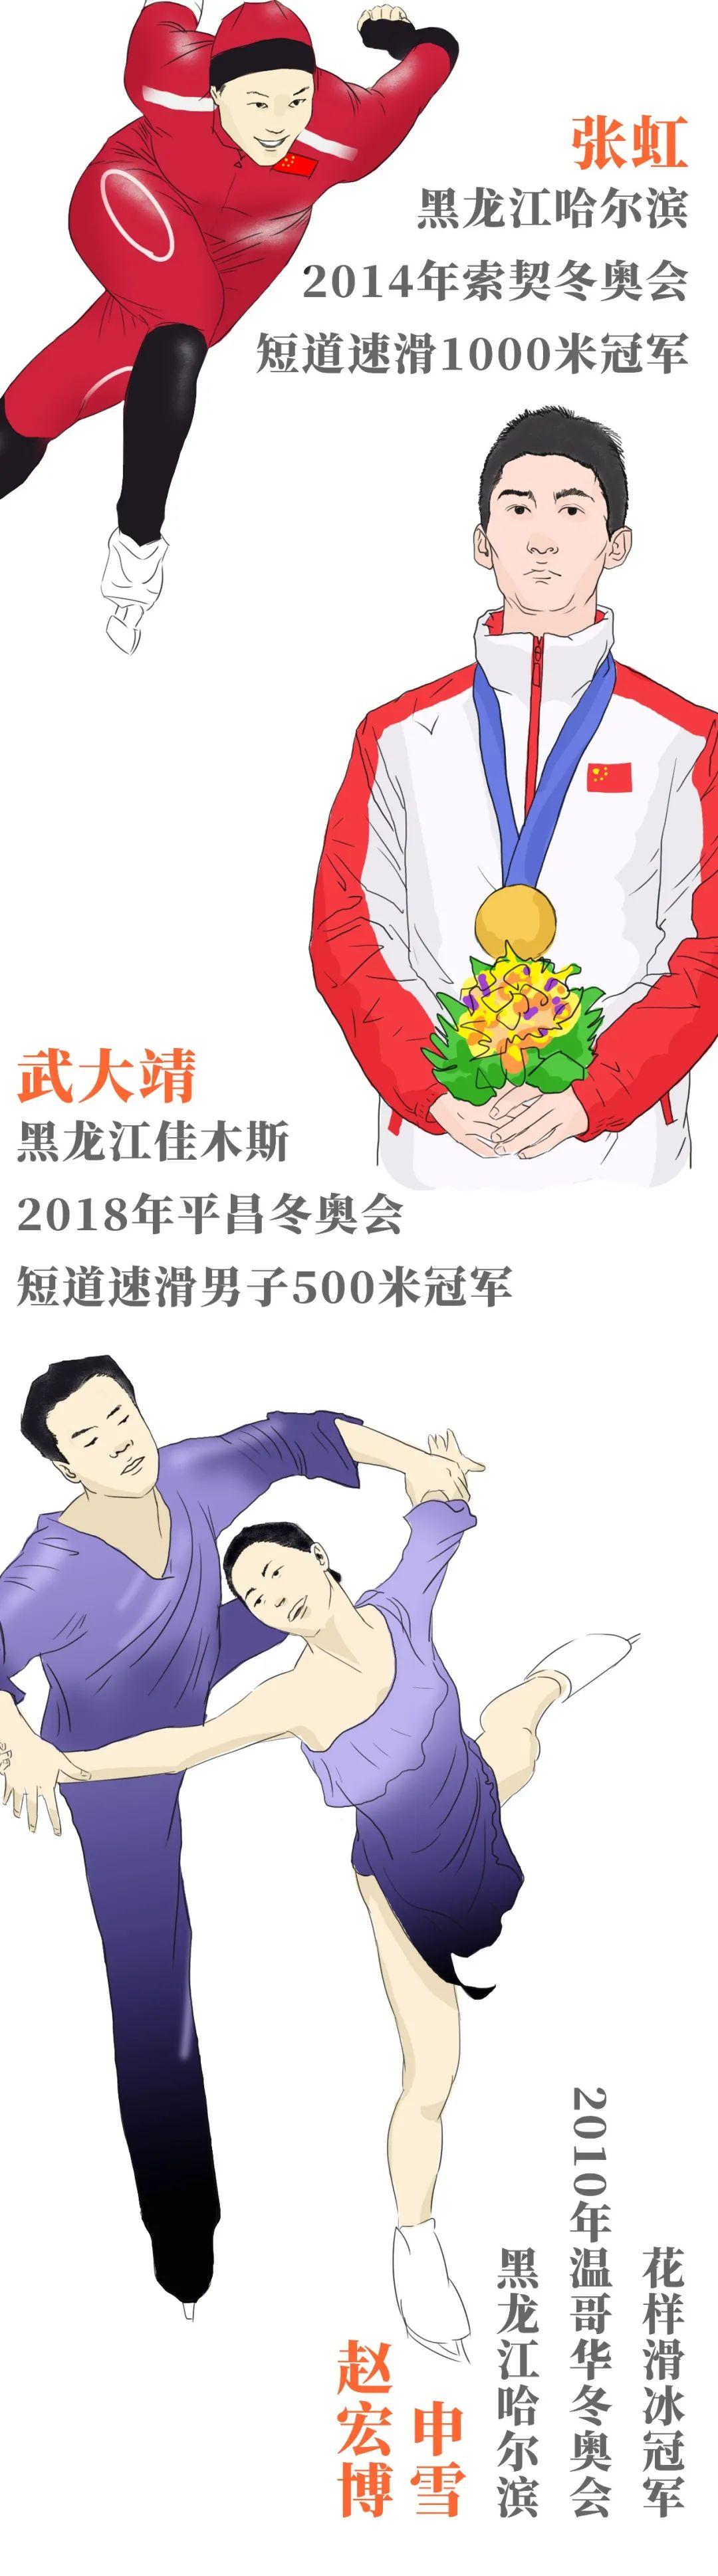 ▲ 黑龙江冬奥会冰上项目的冠军。制图/孙大仙工作室